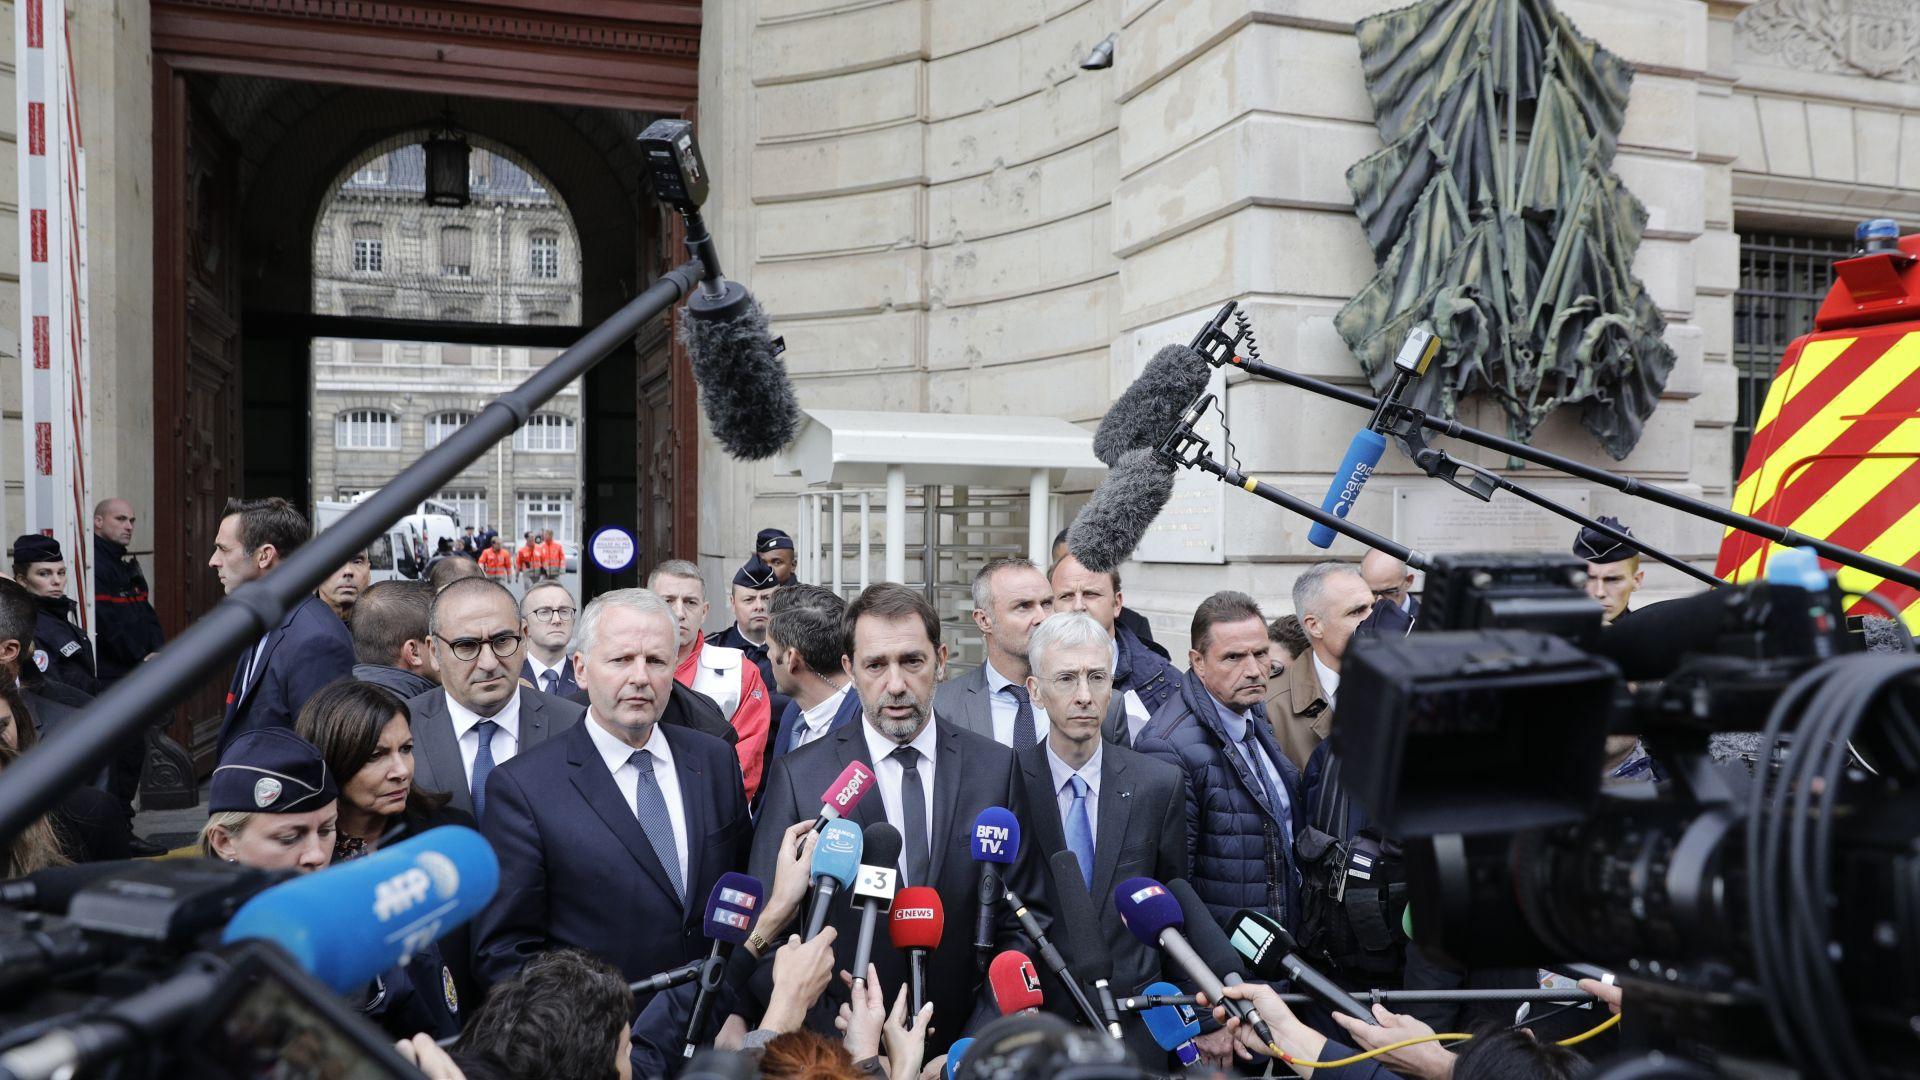 Телевизия Бе Еф Ем: Нападателят от Париж неотдавна приел исляма